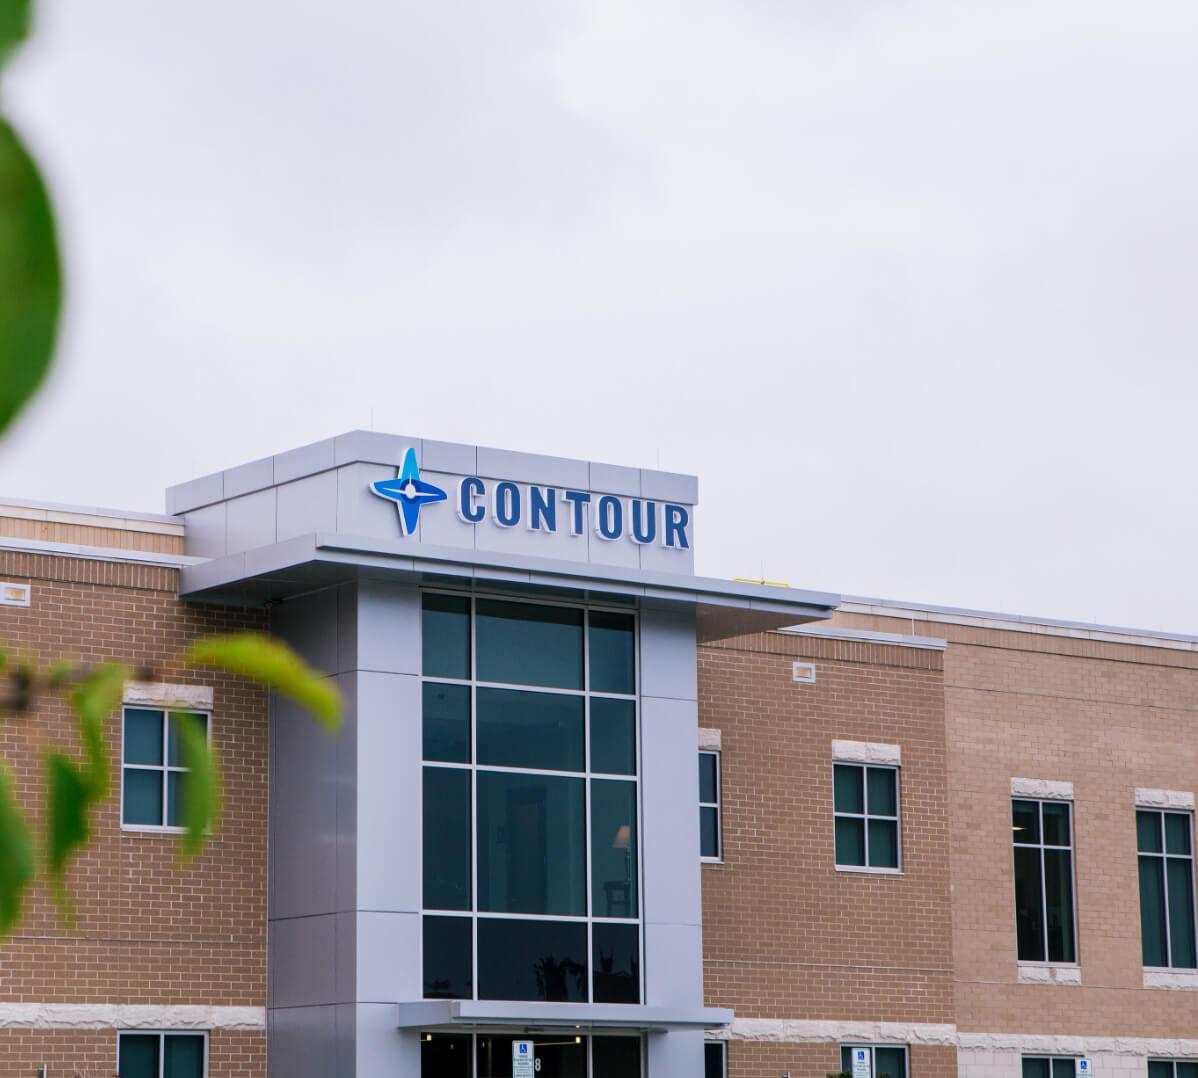 Contour HQ office building